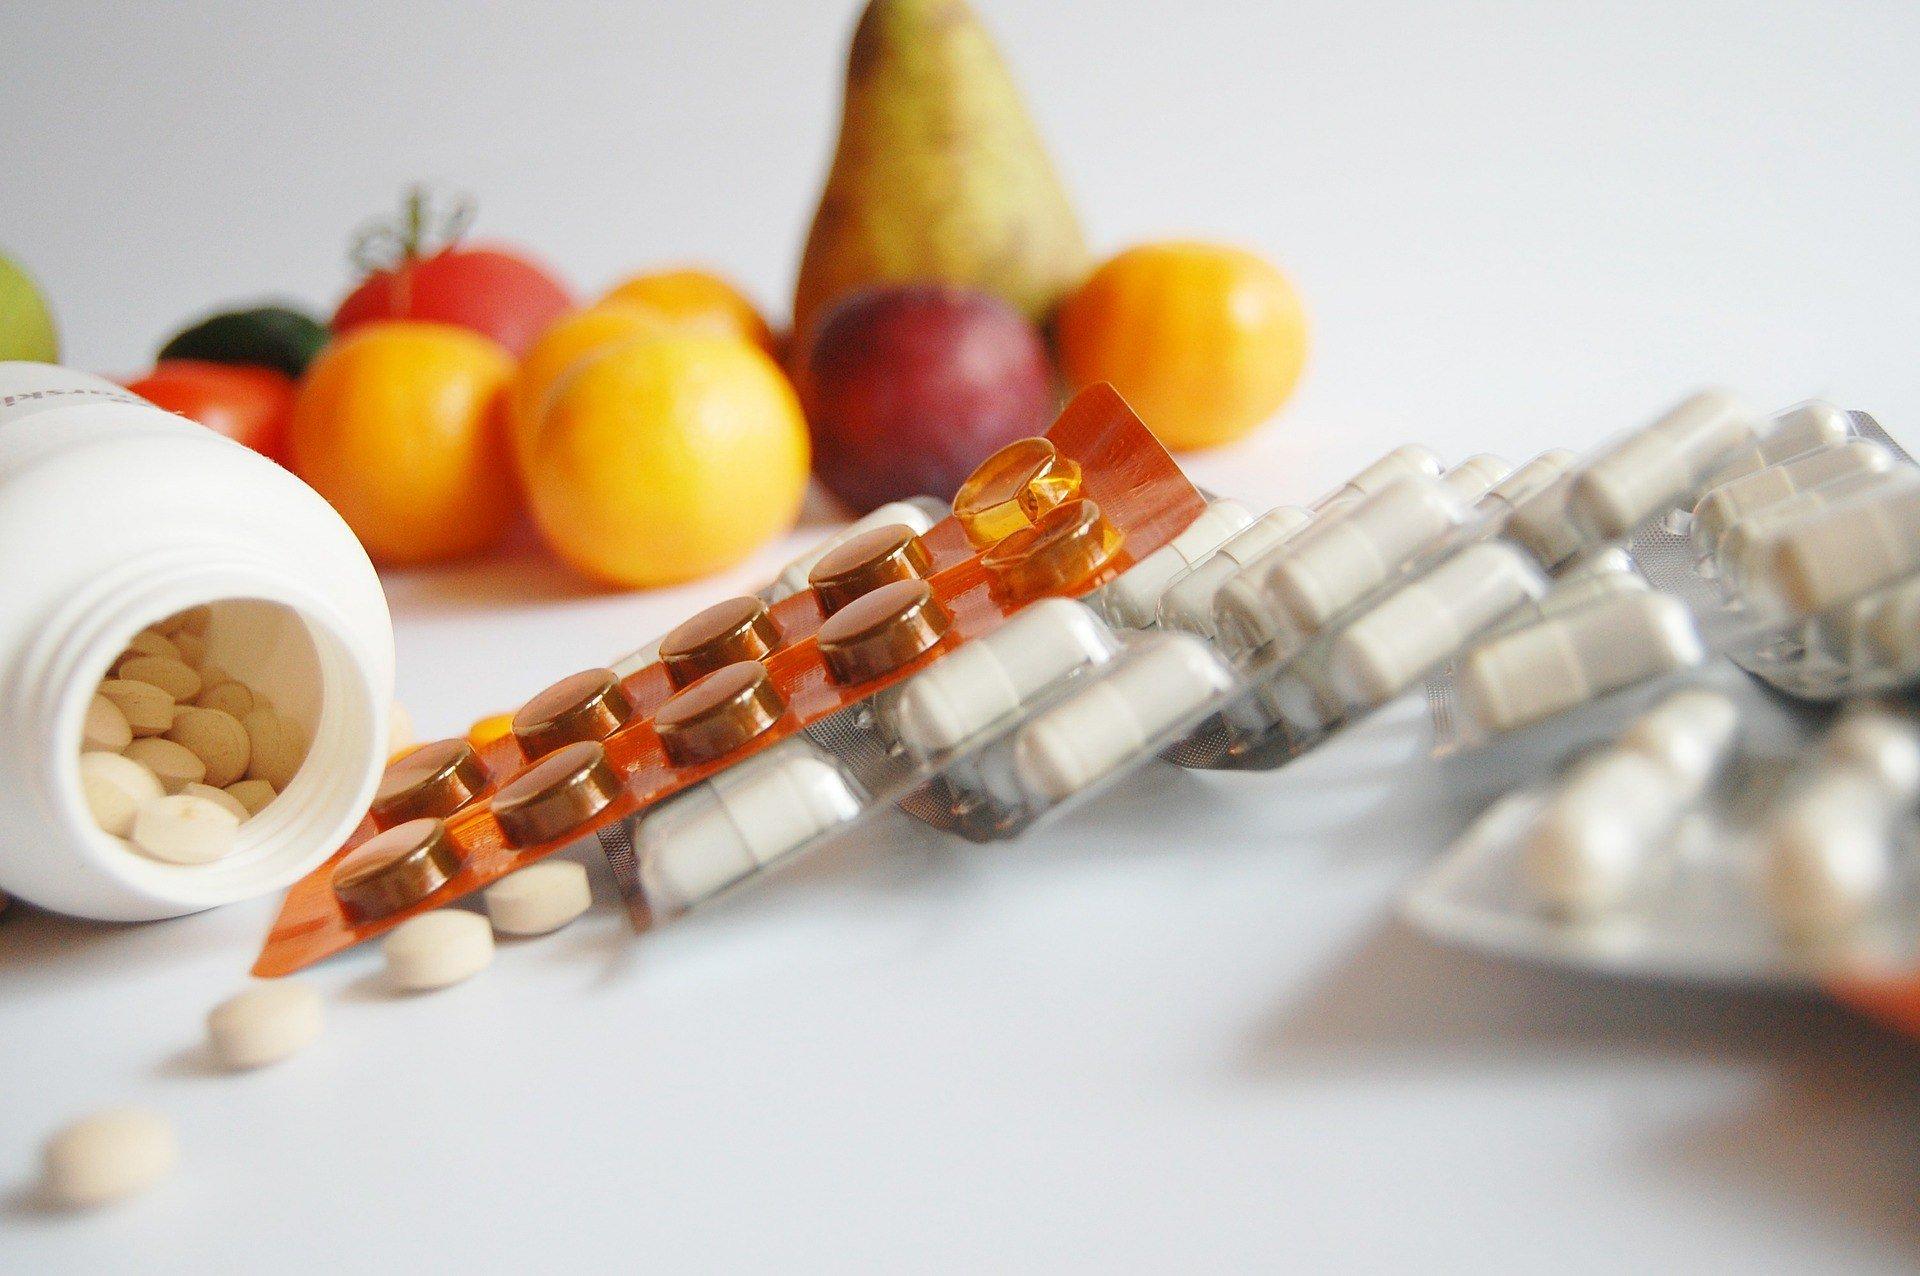 Natürliche versus künstliche Vitamine für dein Tier